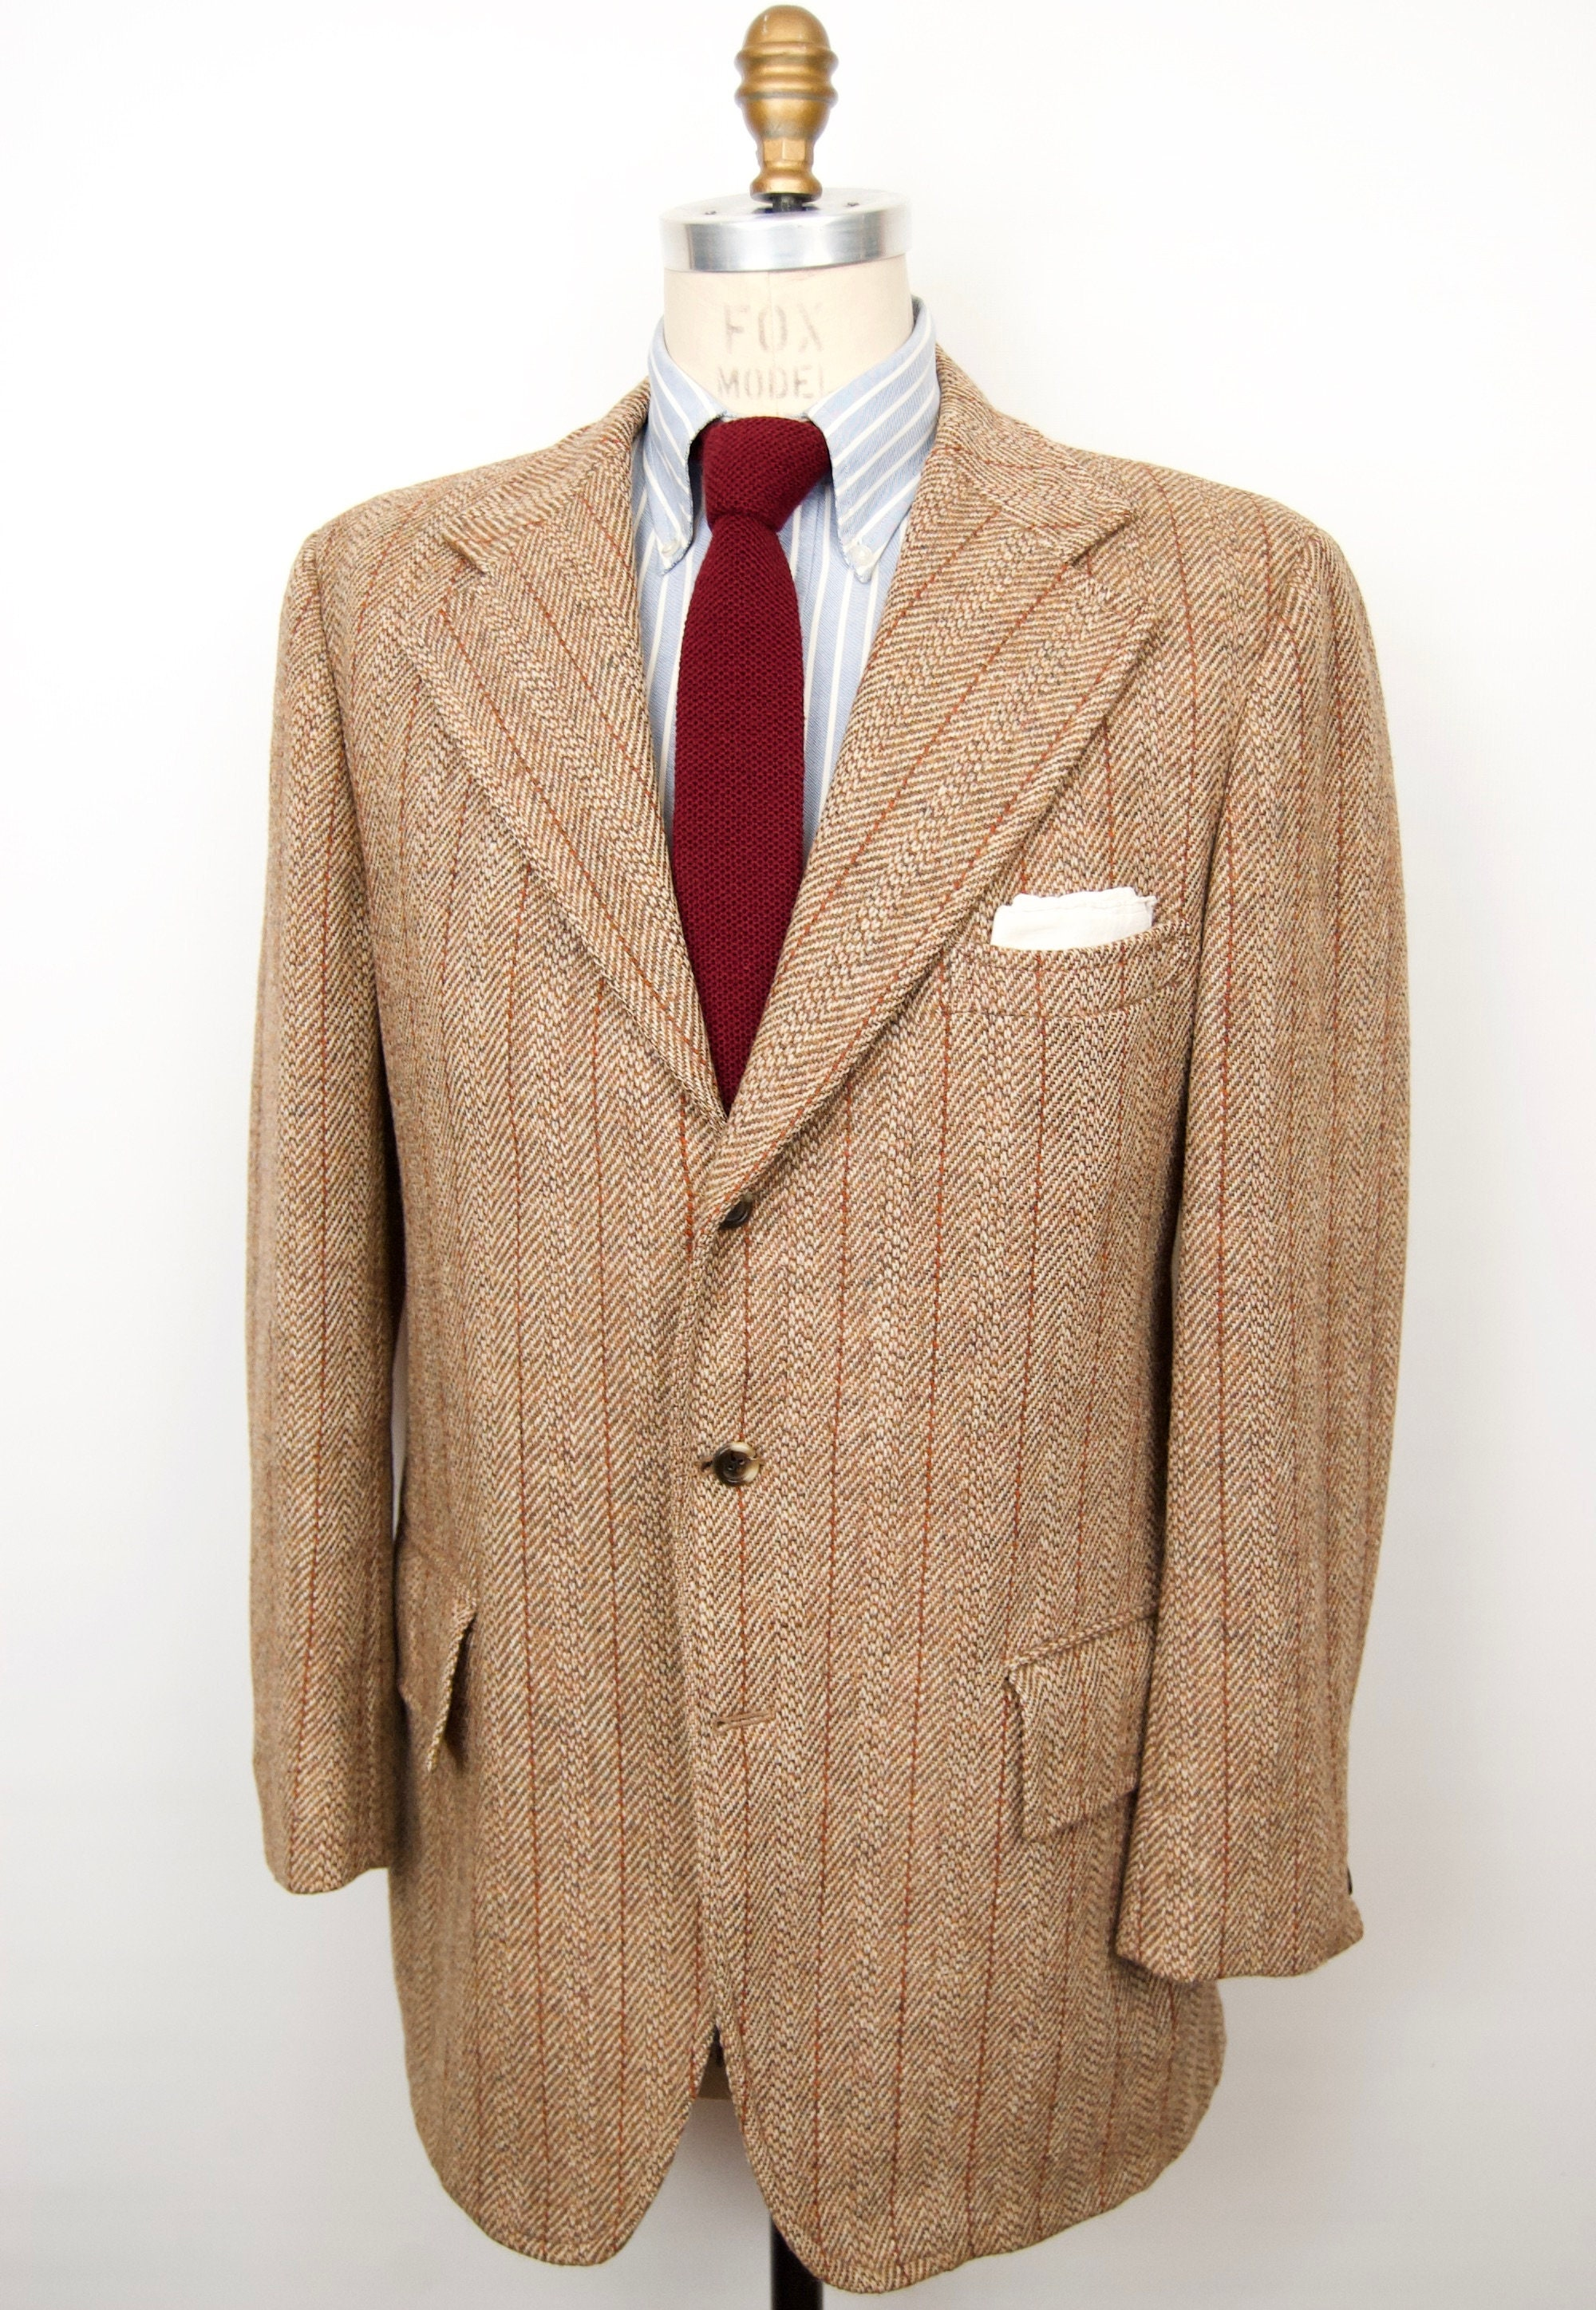 1960s – 70s Men's Ties | Skinny Ties, Slim Ties 1960S Harris Tweed Sport Coat with Herringbone Stripe Wool3-Button Suit Jacket Mens Extra Large $112.00 AT vintagedancer.com